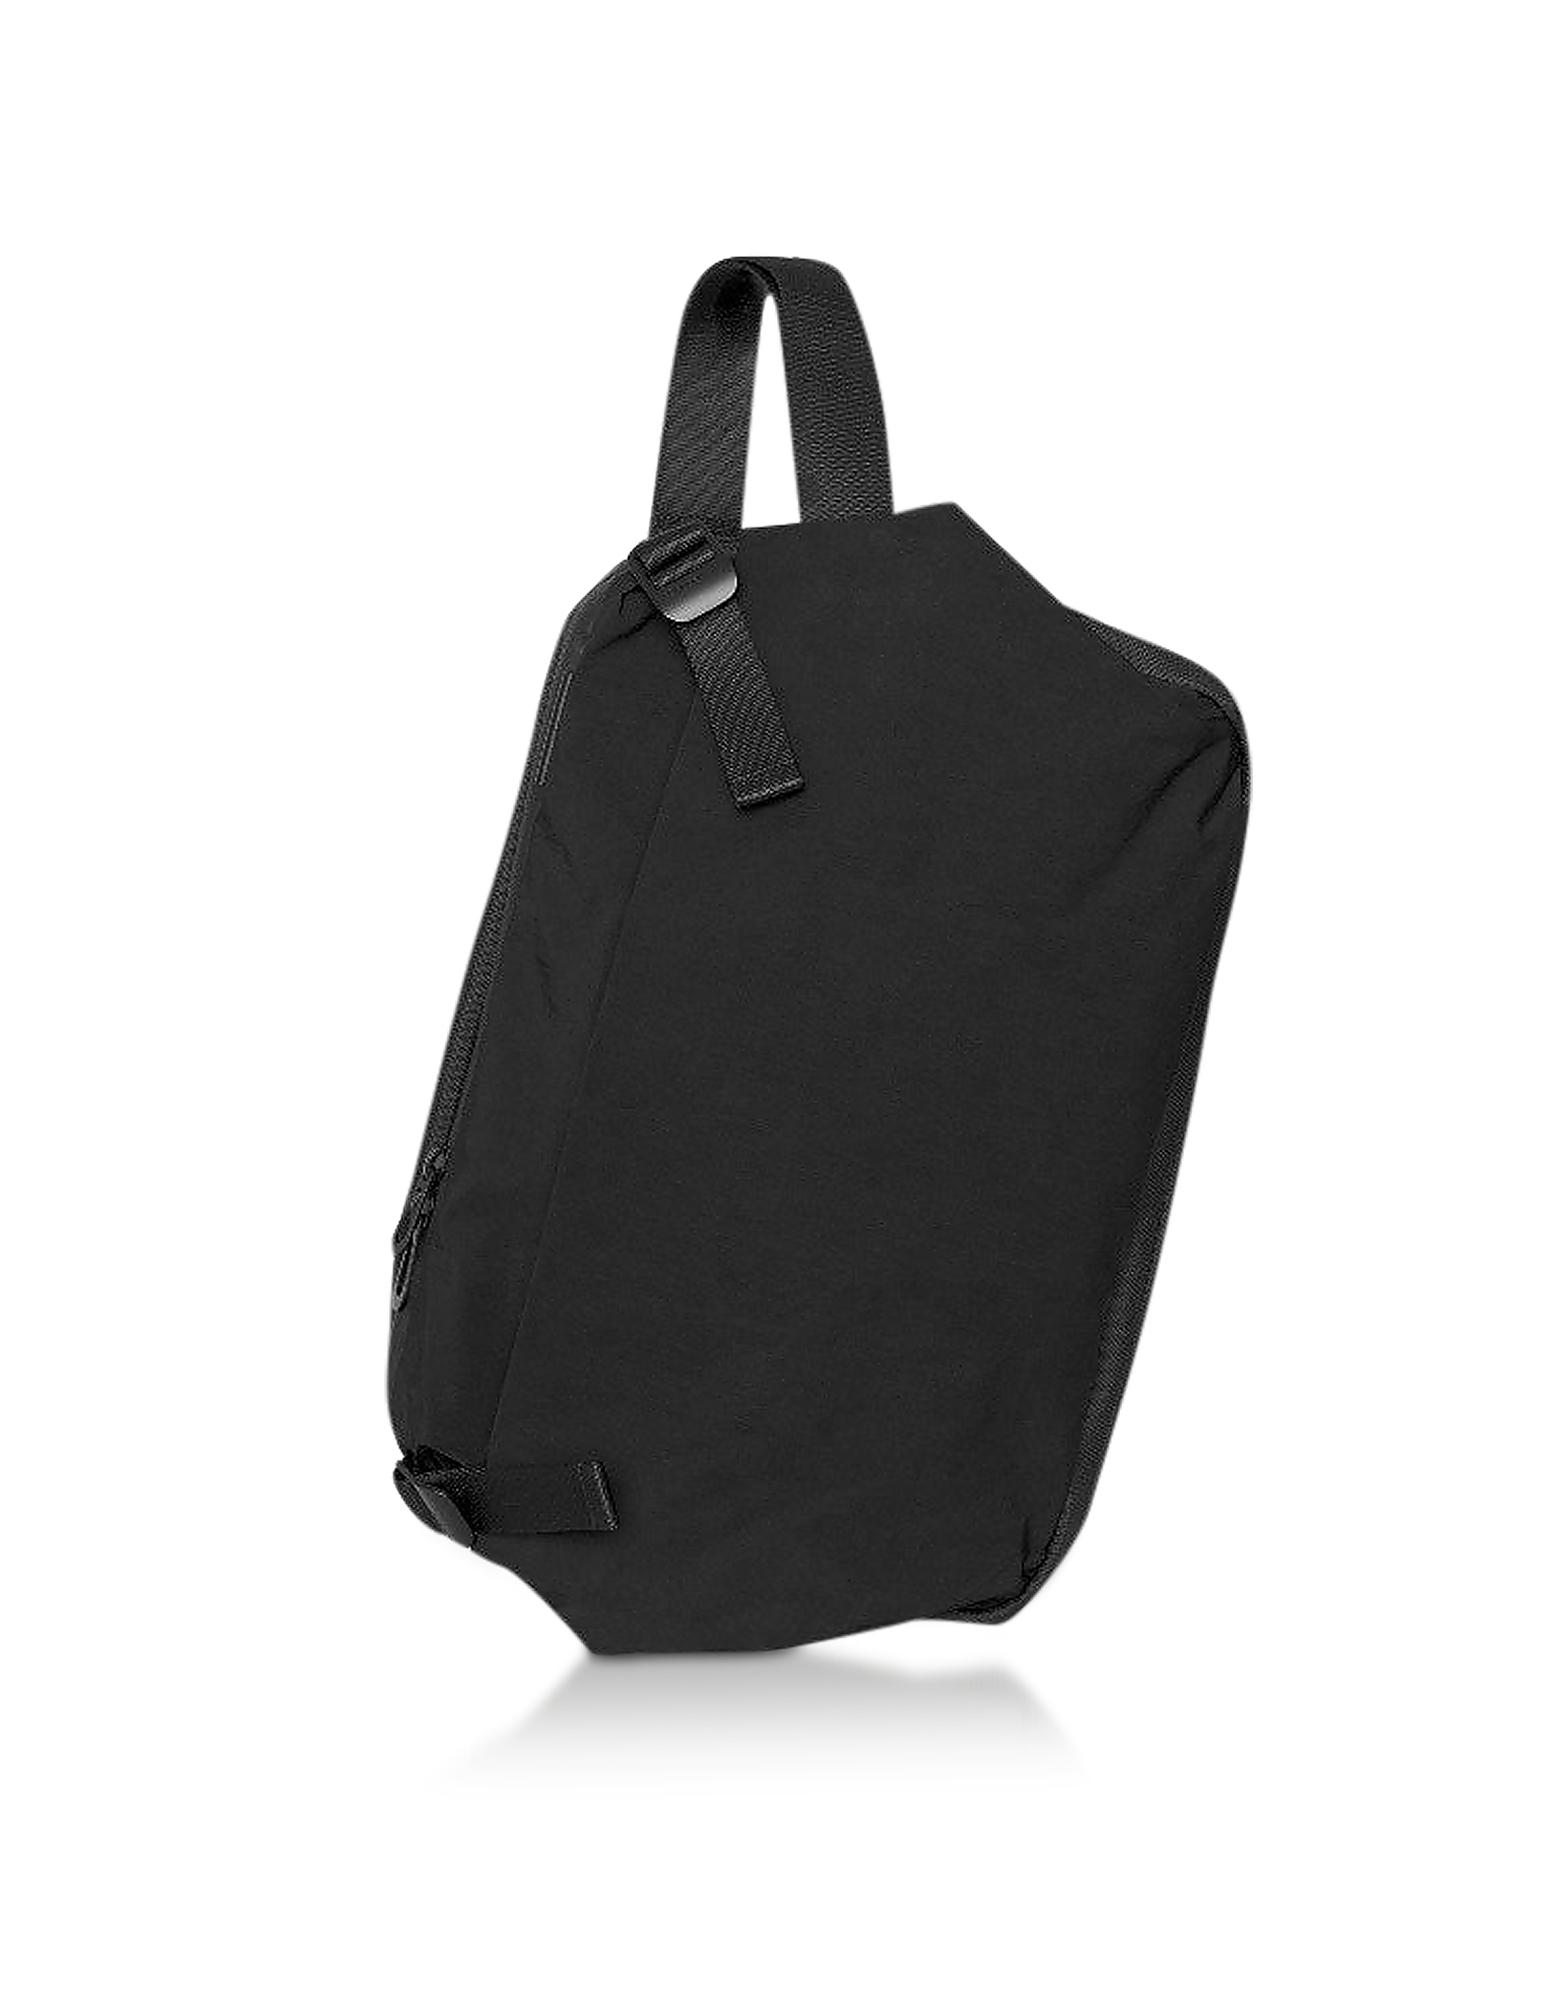 Black Riss MemoryTech Backpack